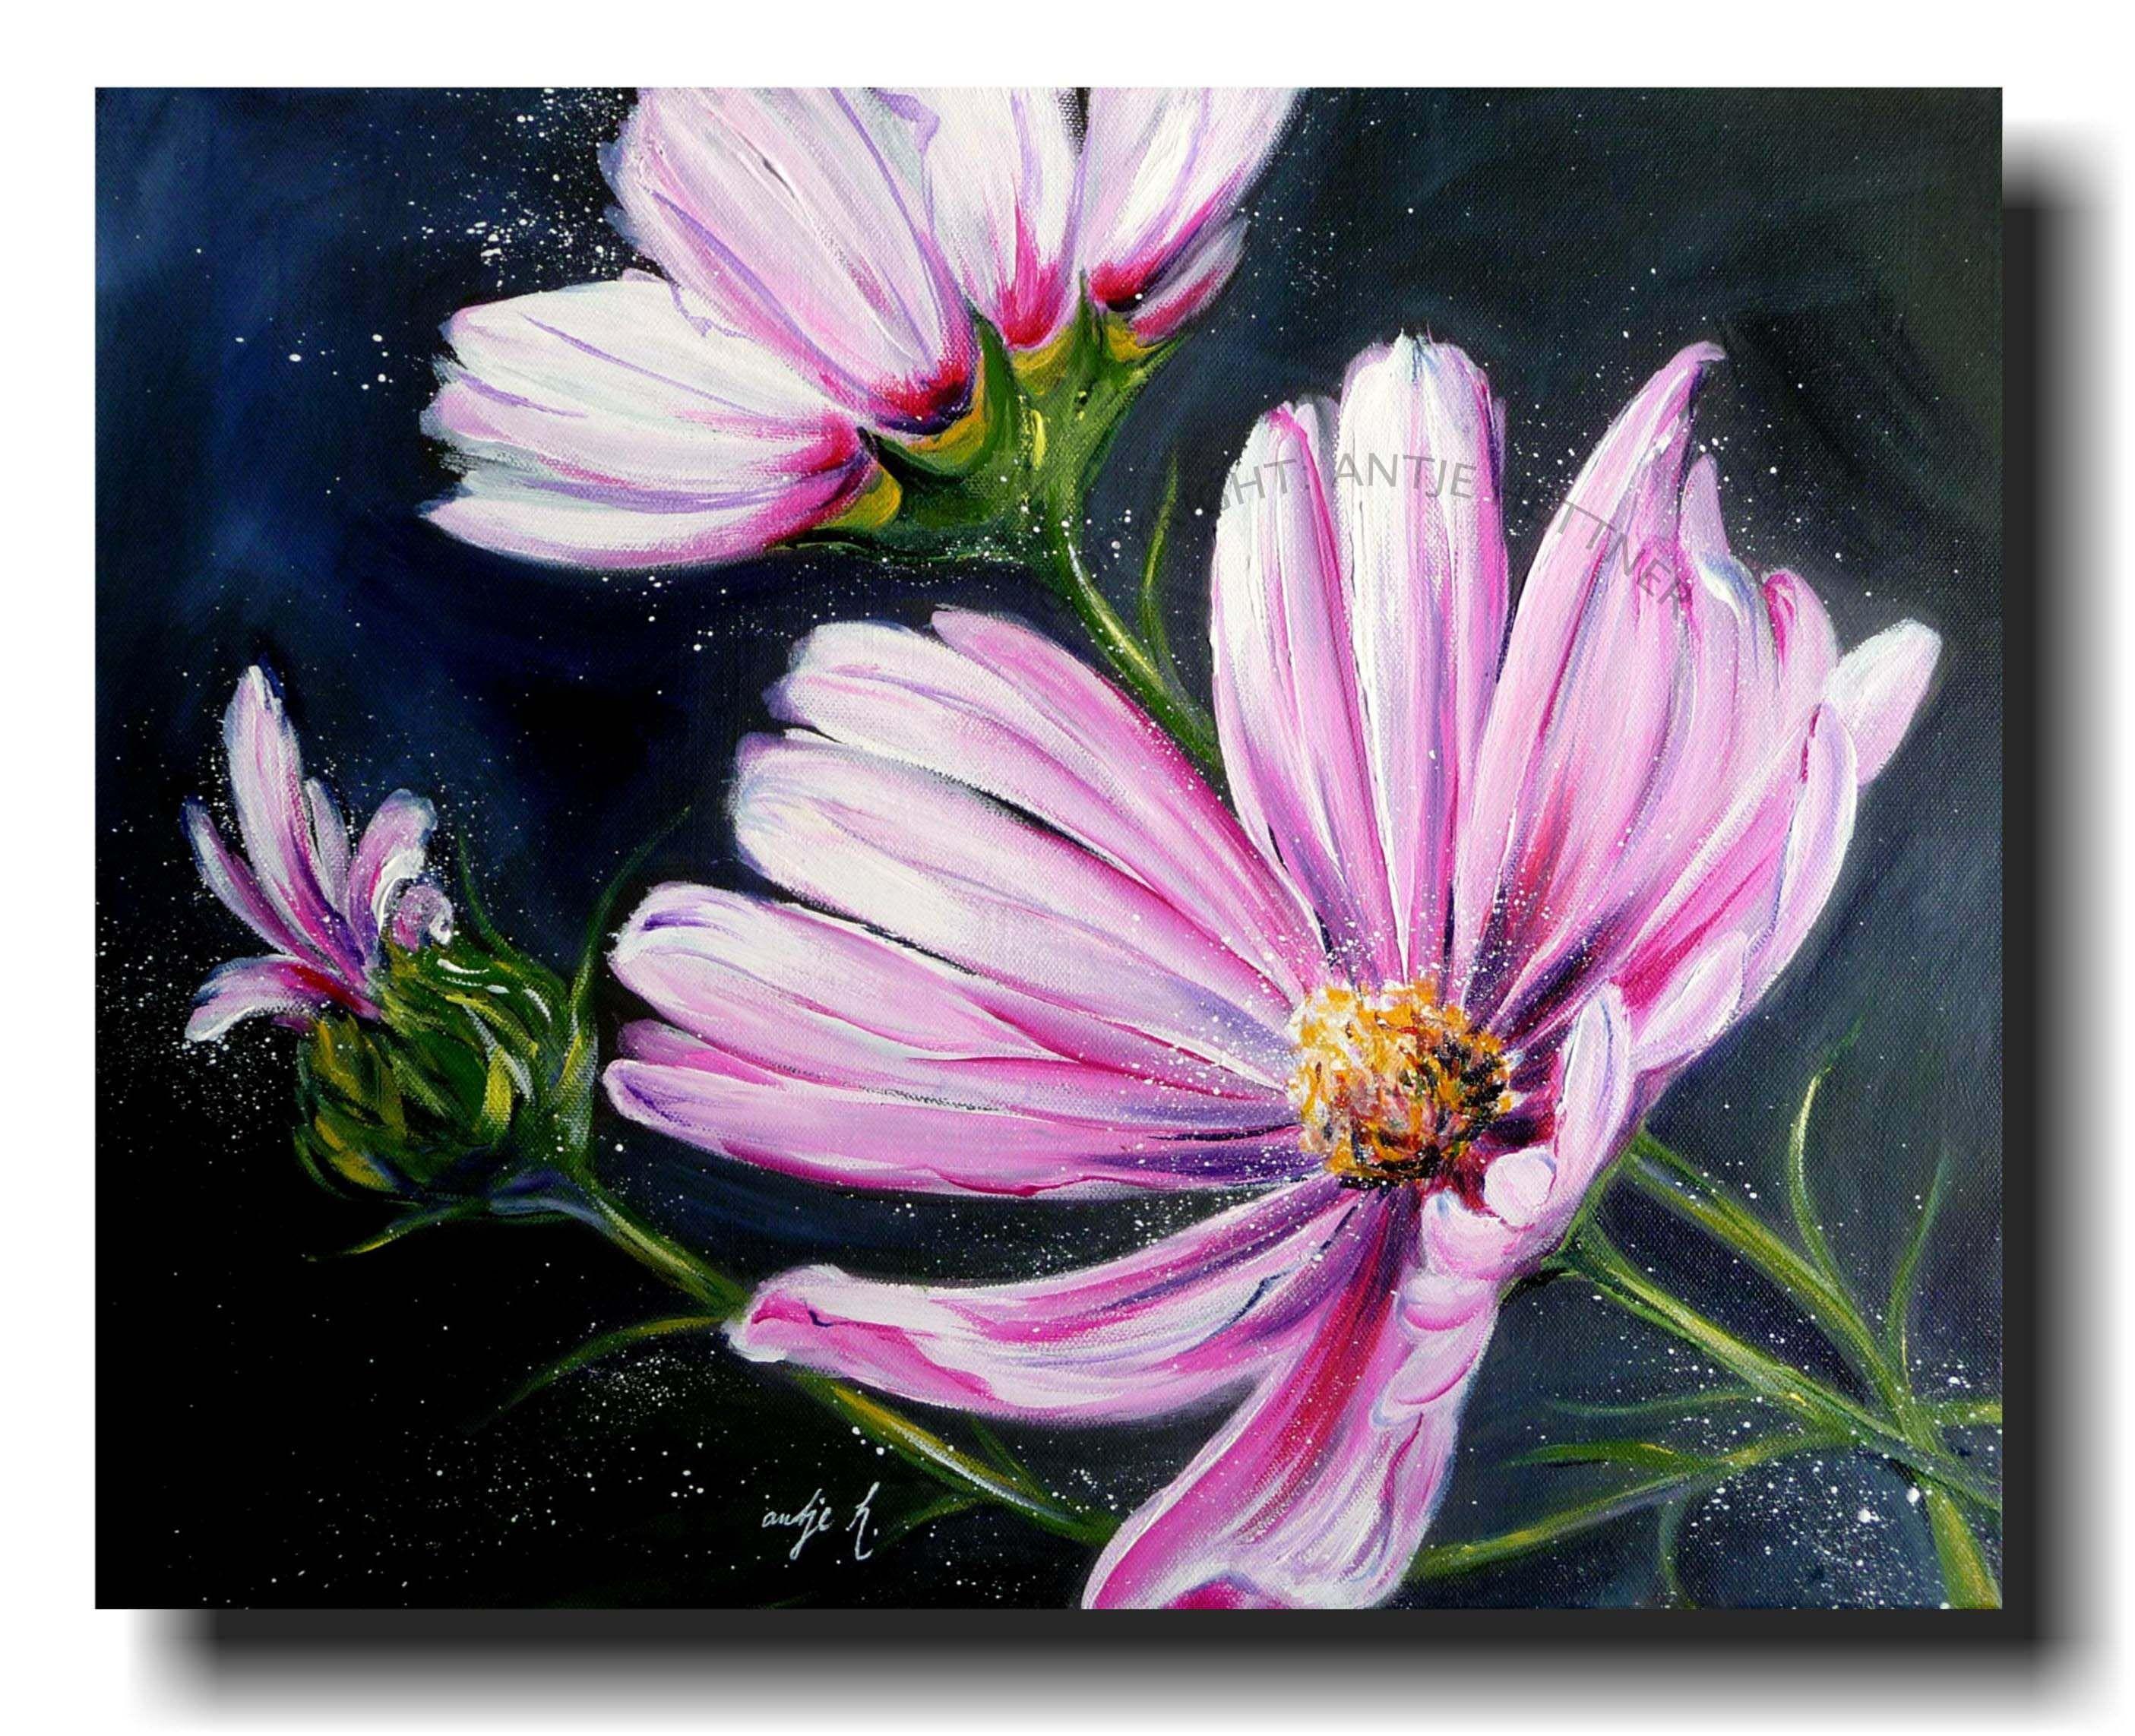 Mohn Xl Original Unikat Gemalde Blumen Poppies Von Kclart Auf